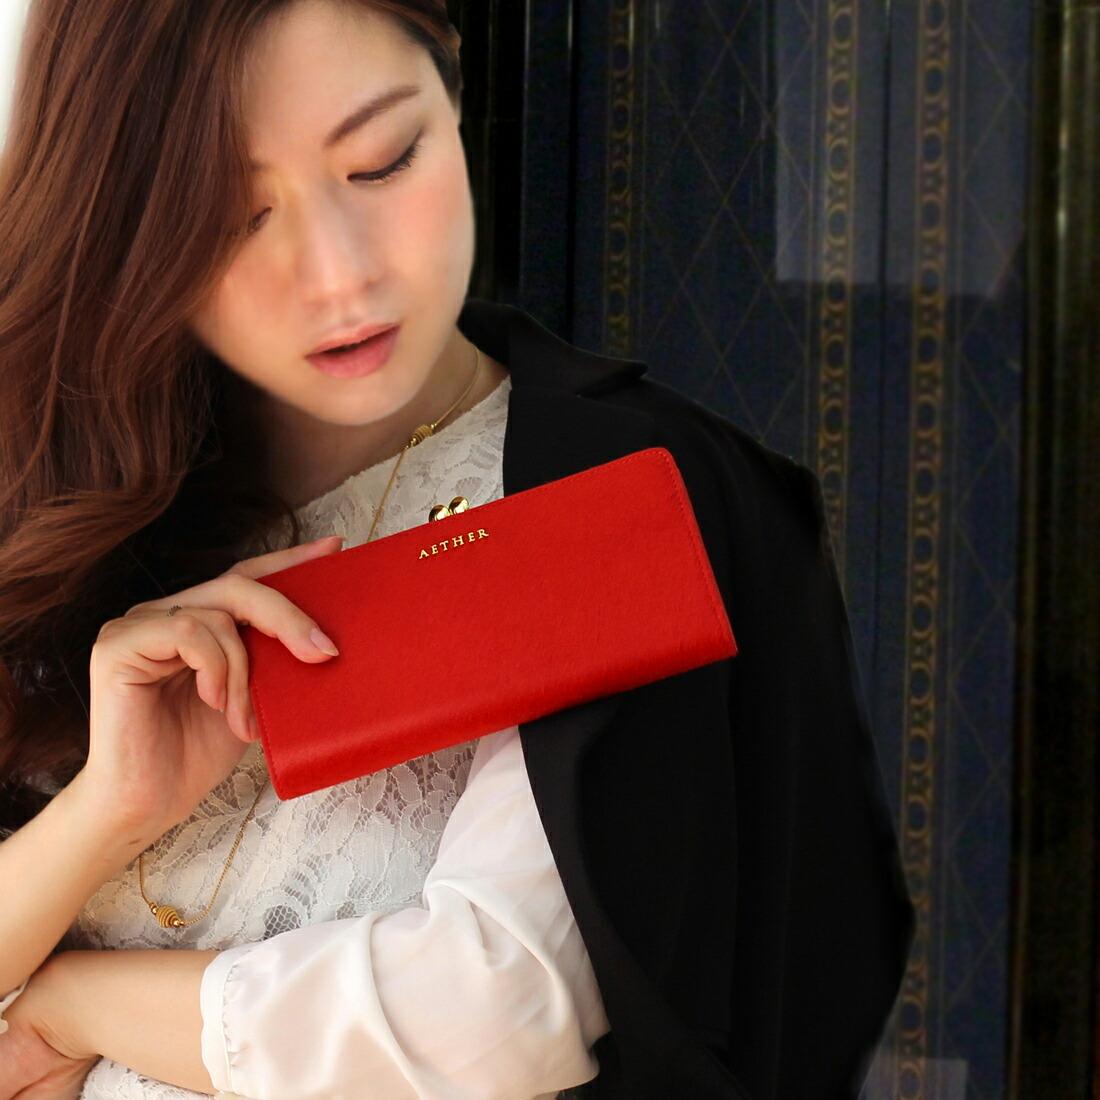 赤いがま口財布を持っている画像